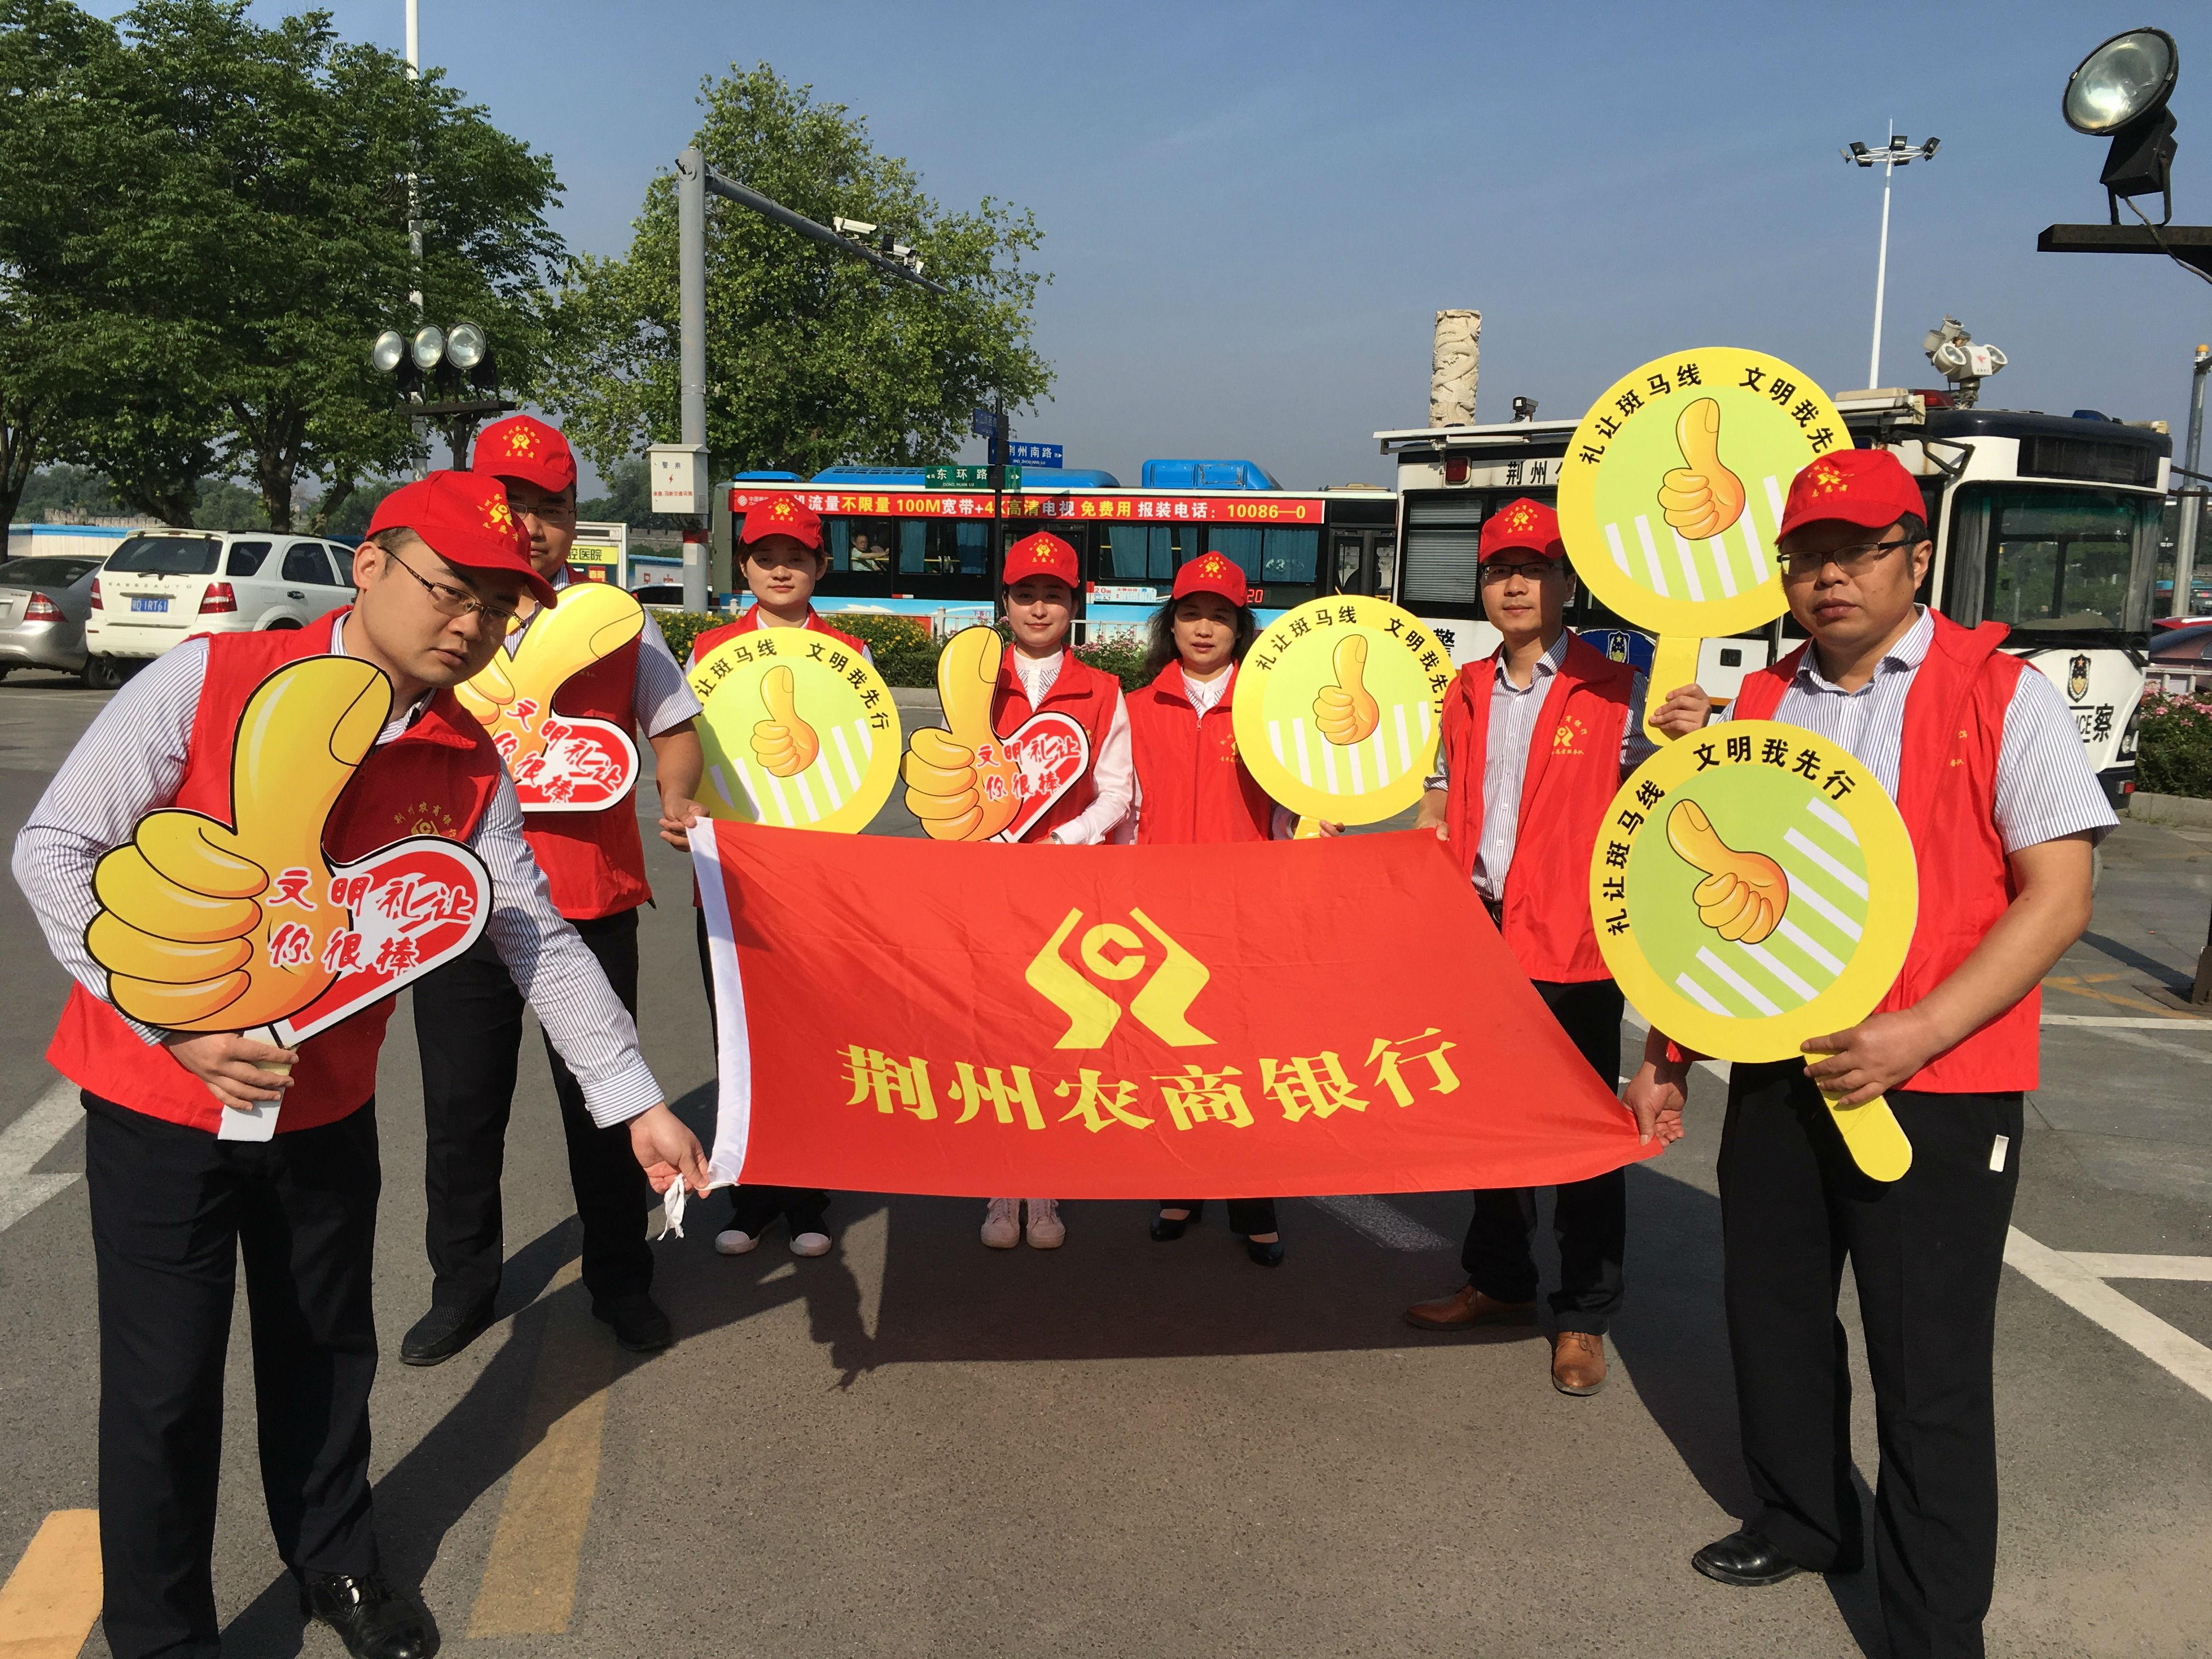 东门路口:荆州农商银行开展交通文明劝导